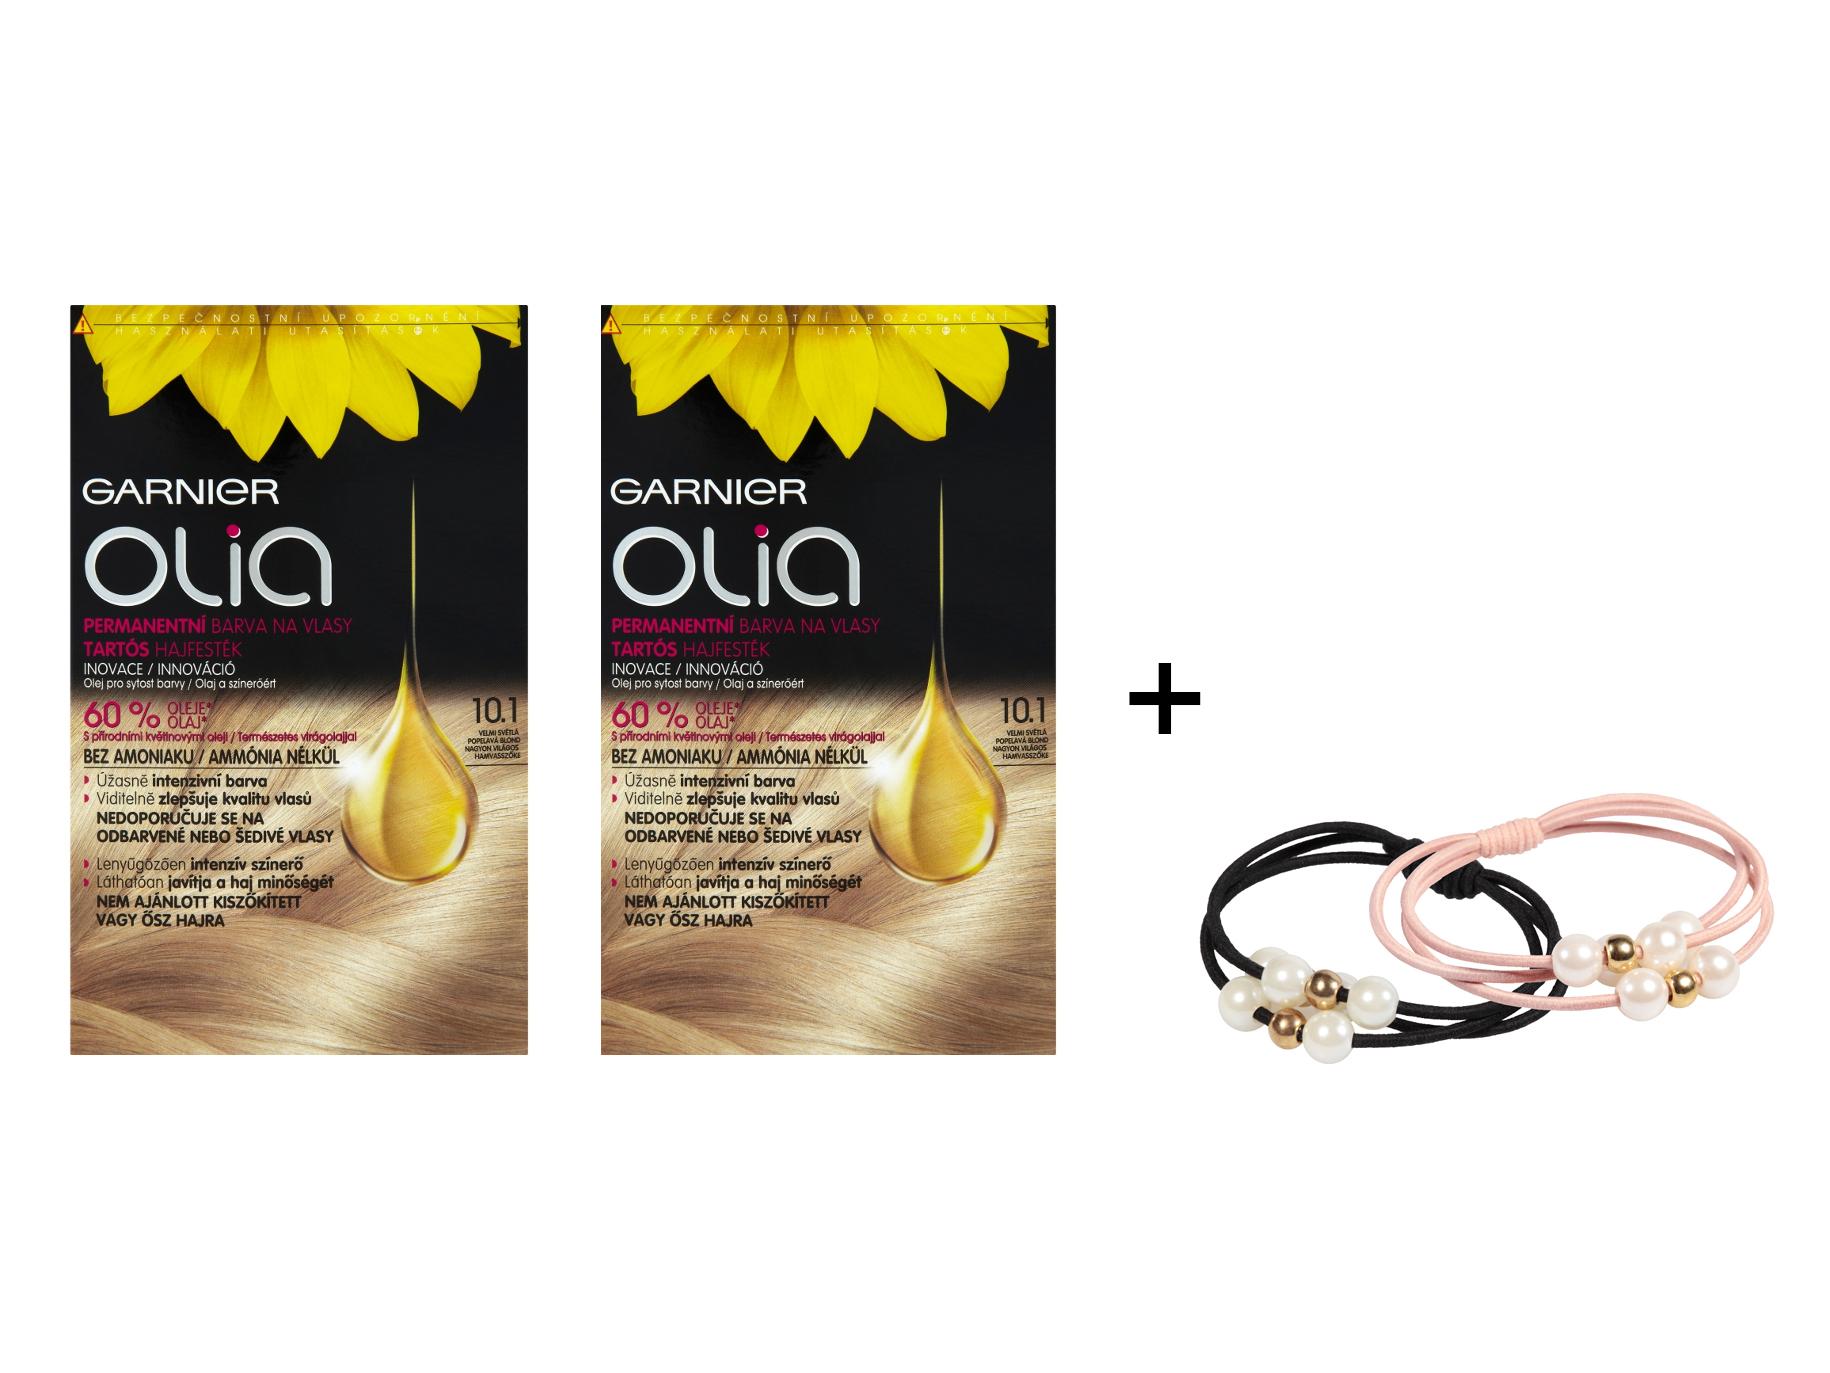 Sada 2 kusů permanentní olejové barvy Garnier Olia 10.1 velmi světlá blond + gumičky L'oréal Paris + DÁREK ZDARMA